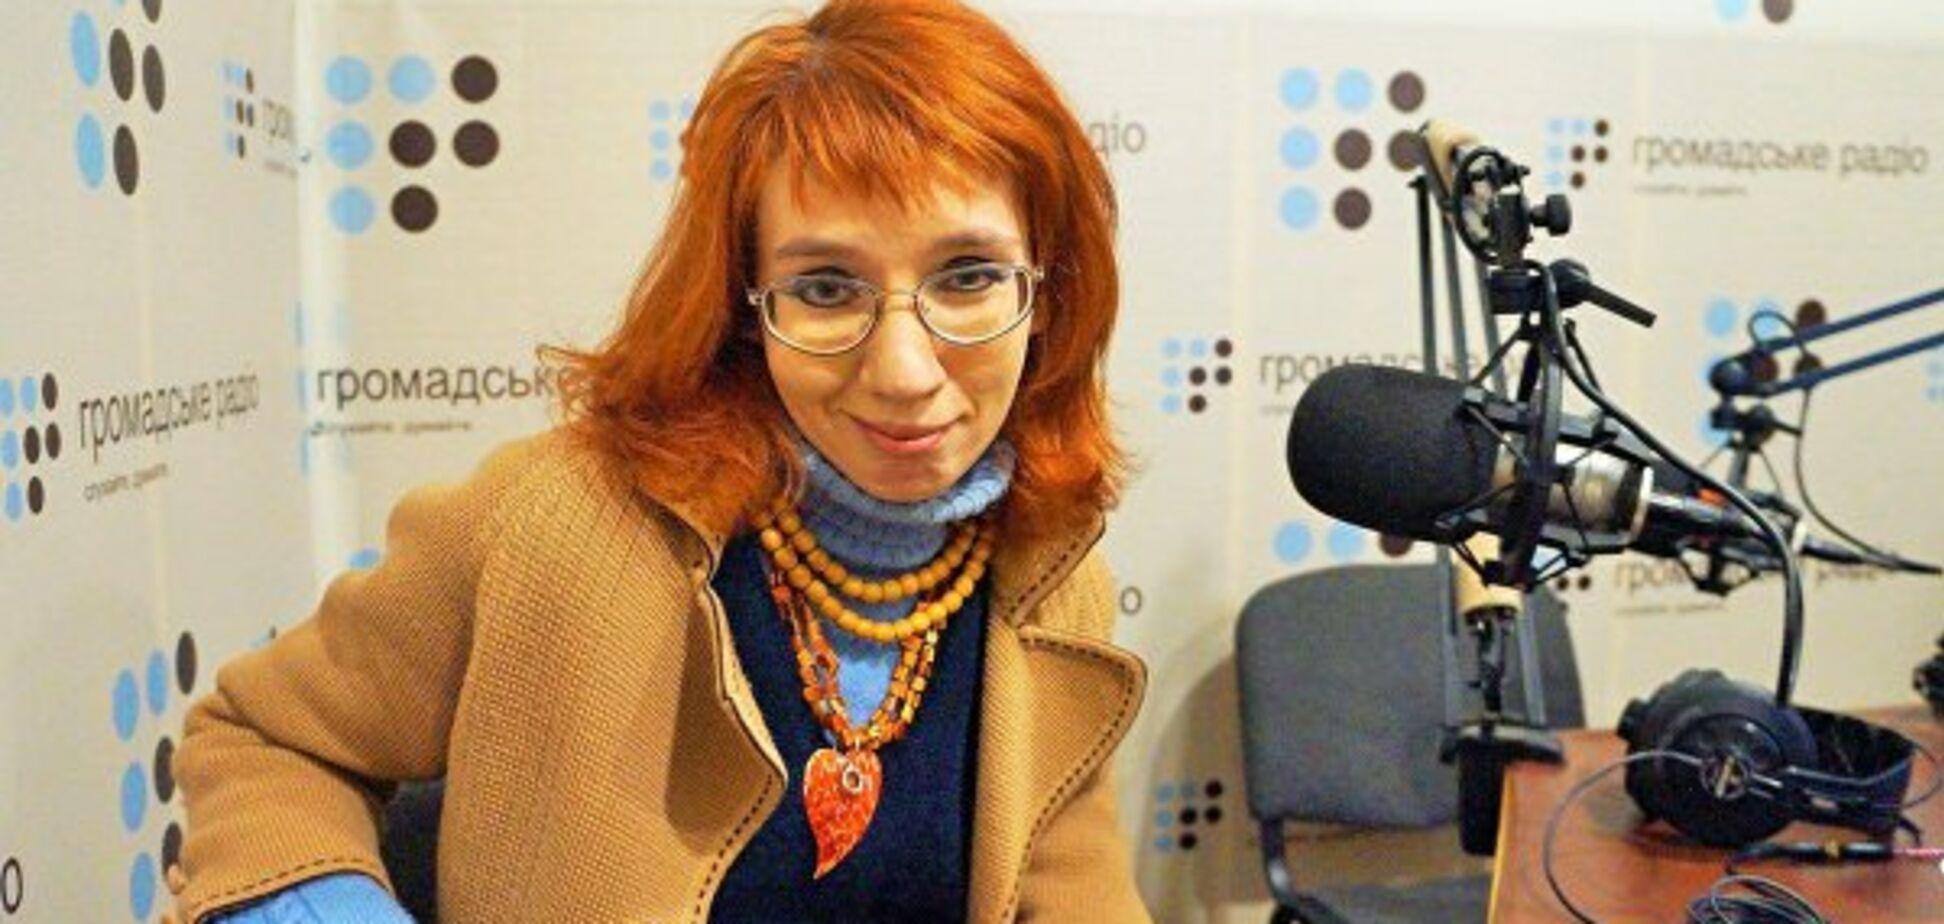 Скандальну українську поетесу затримали в Москві: що сталося